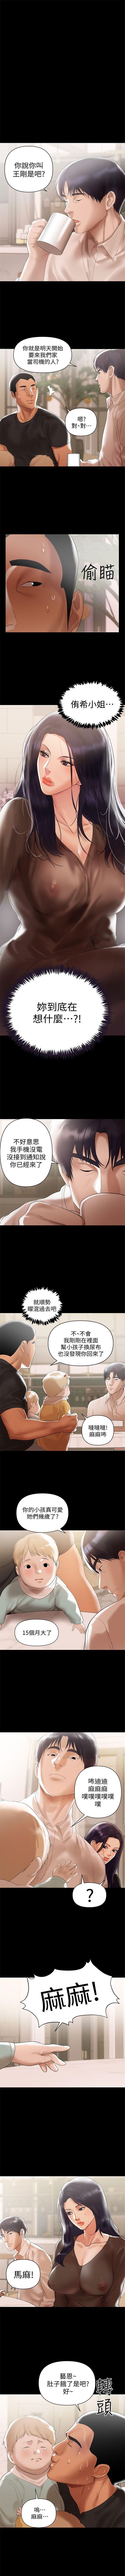 (週6)兼職奶媽 1-31 中文翻譯 (更新中) 21